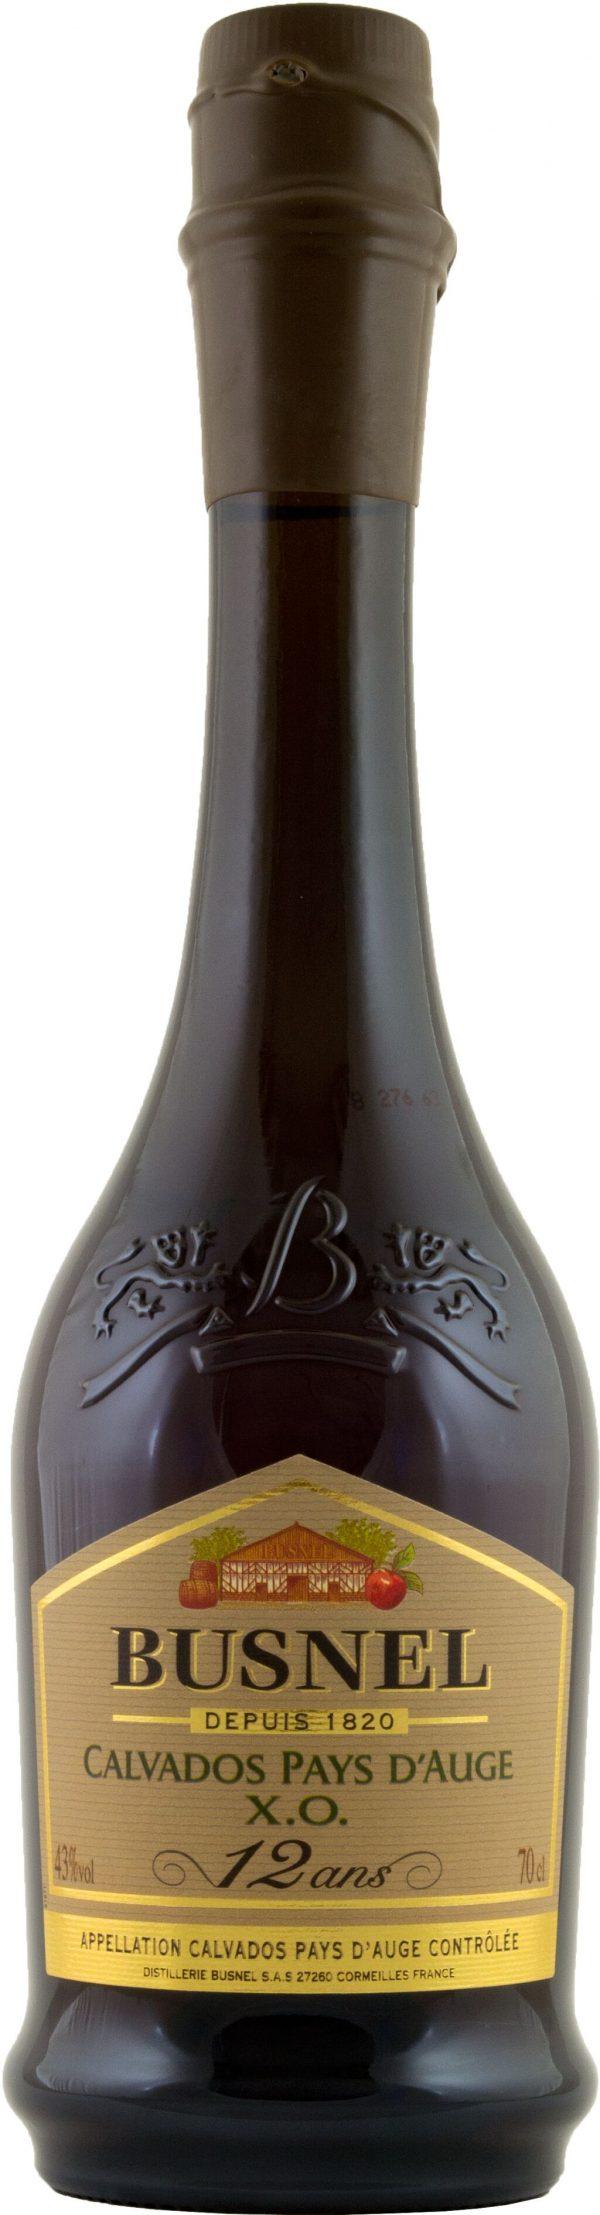 Busnel XO Calvados 12 ans 70cl